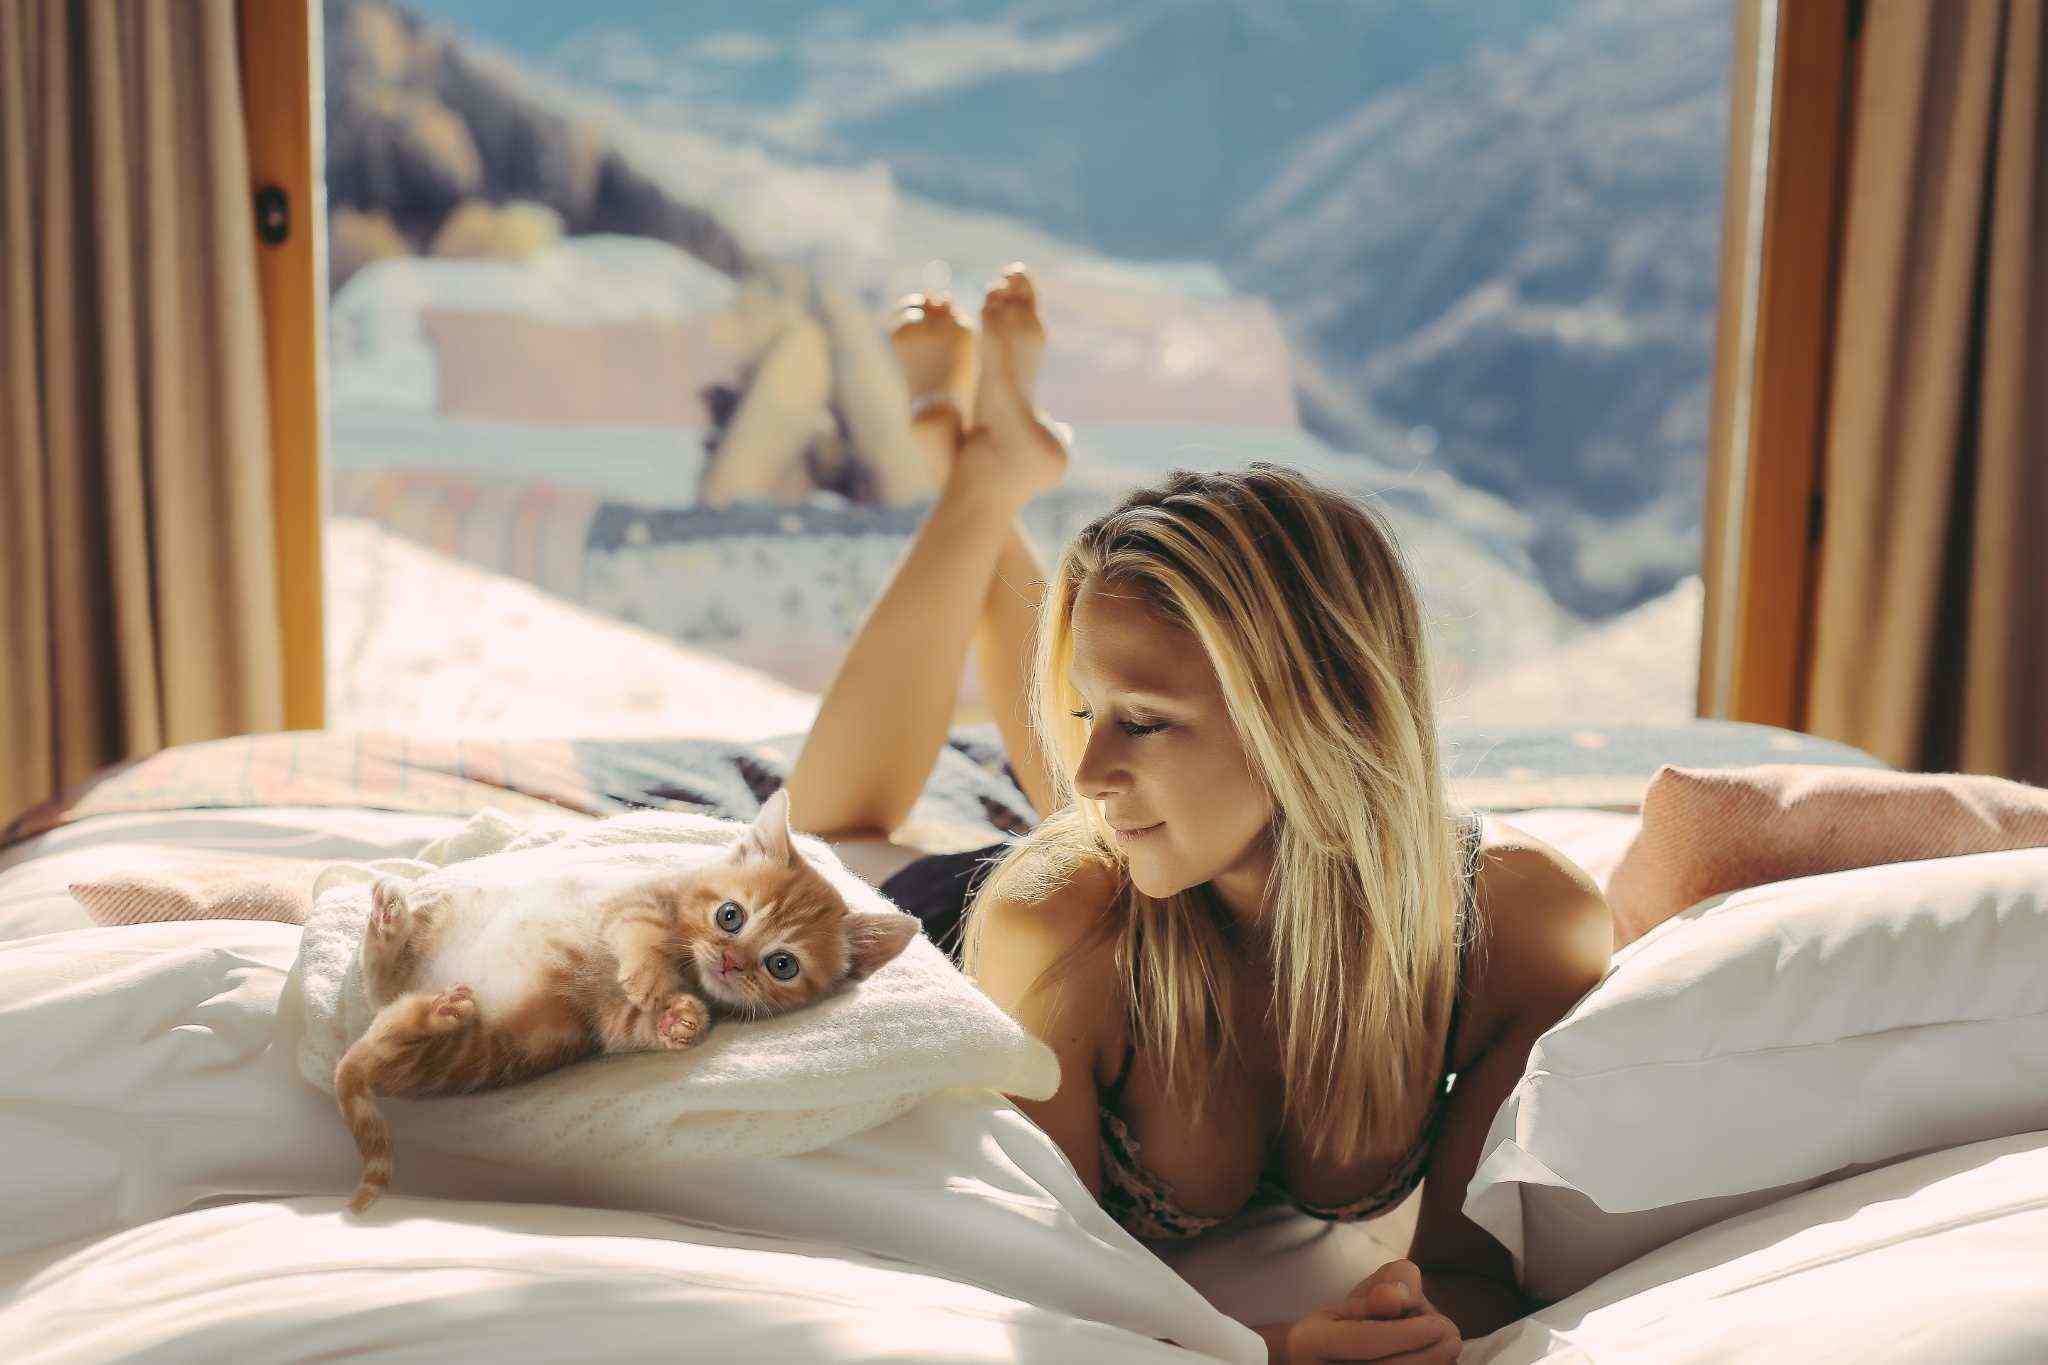 Доброе утро фото с девушкой